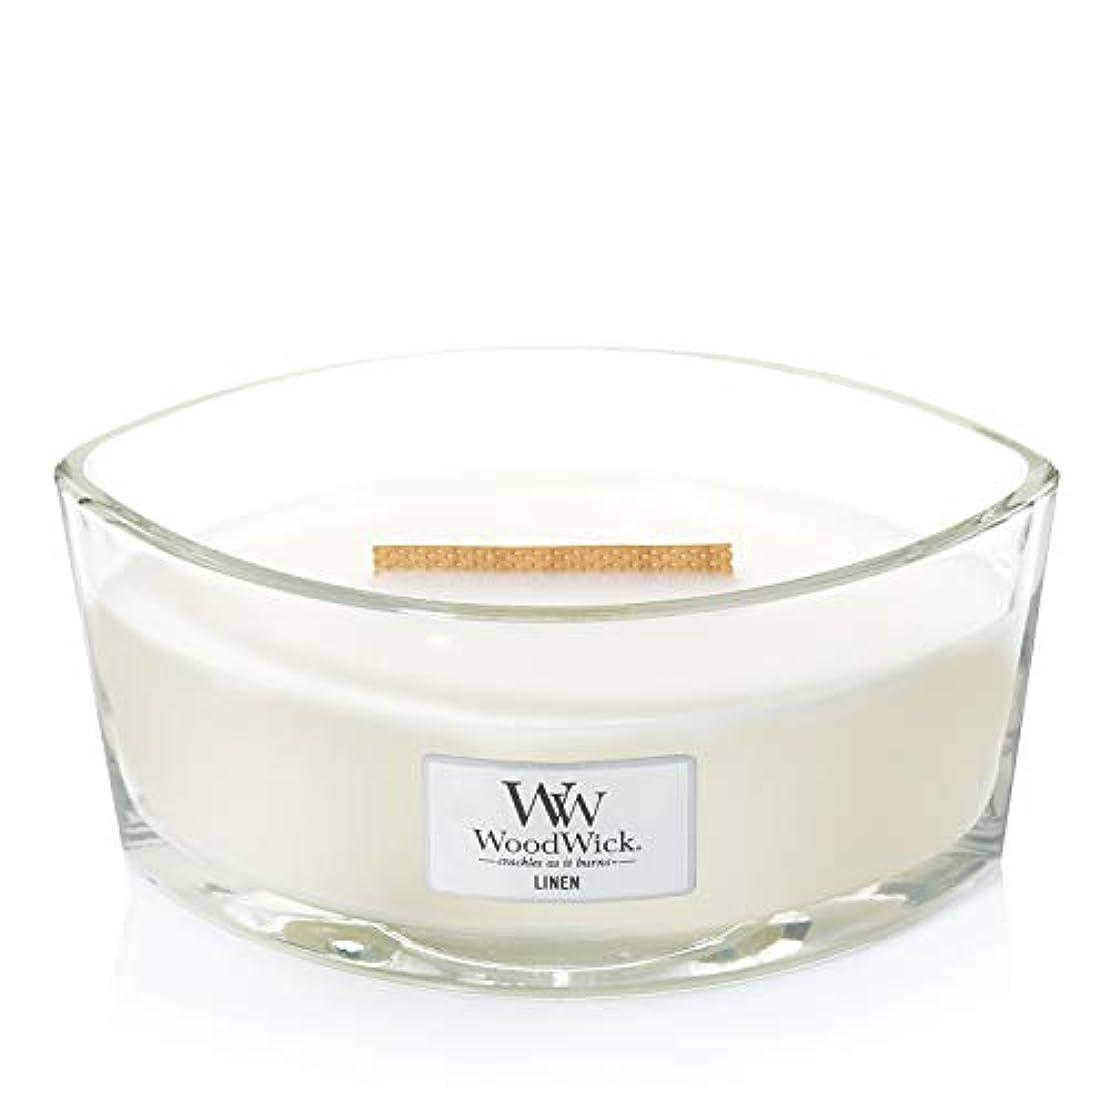 時々時々コンソール発音(11.4cm l x 19cm w x 8.8cm h) - WoodWick 76135 Linen HearthWick Candle, White